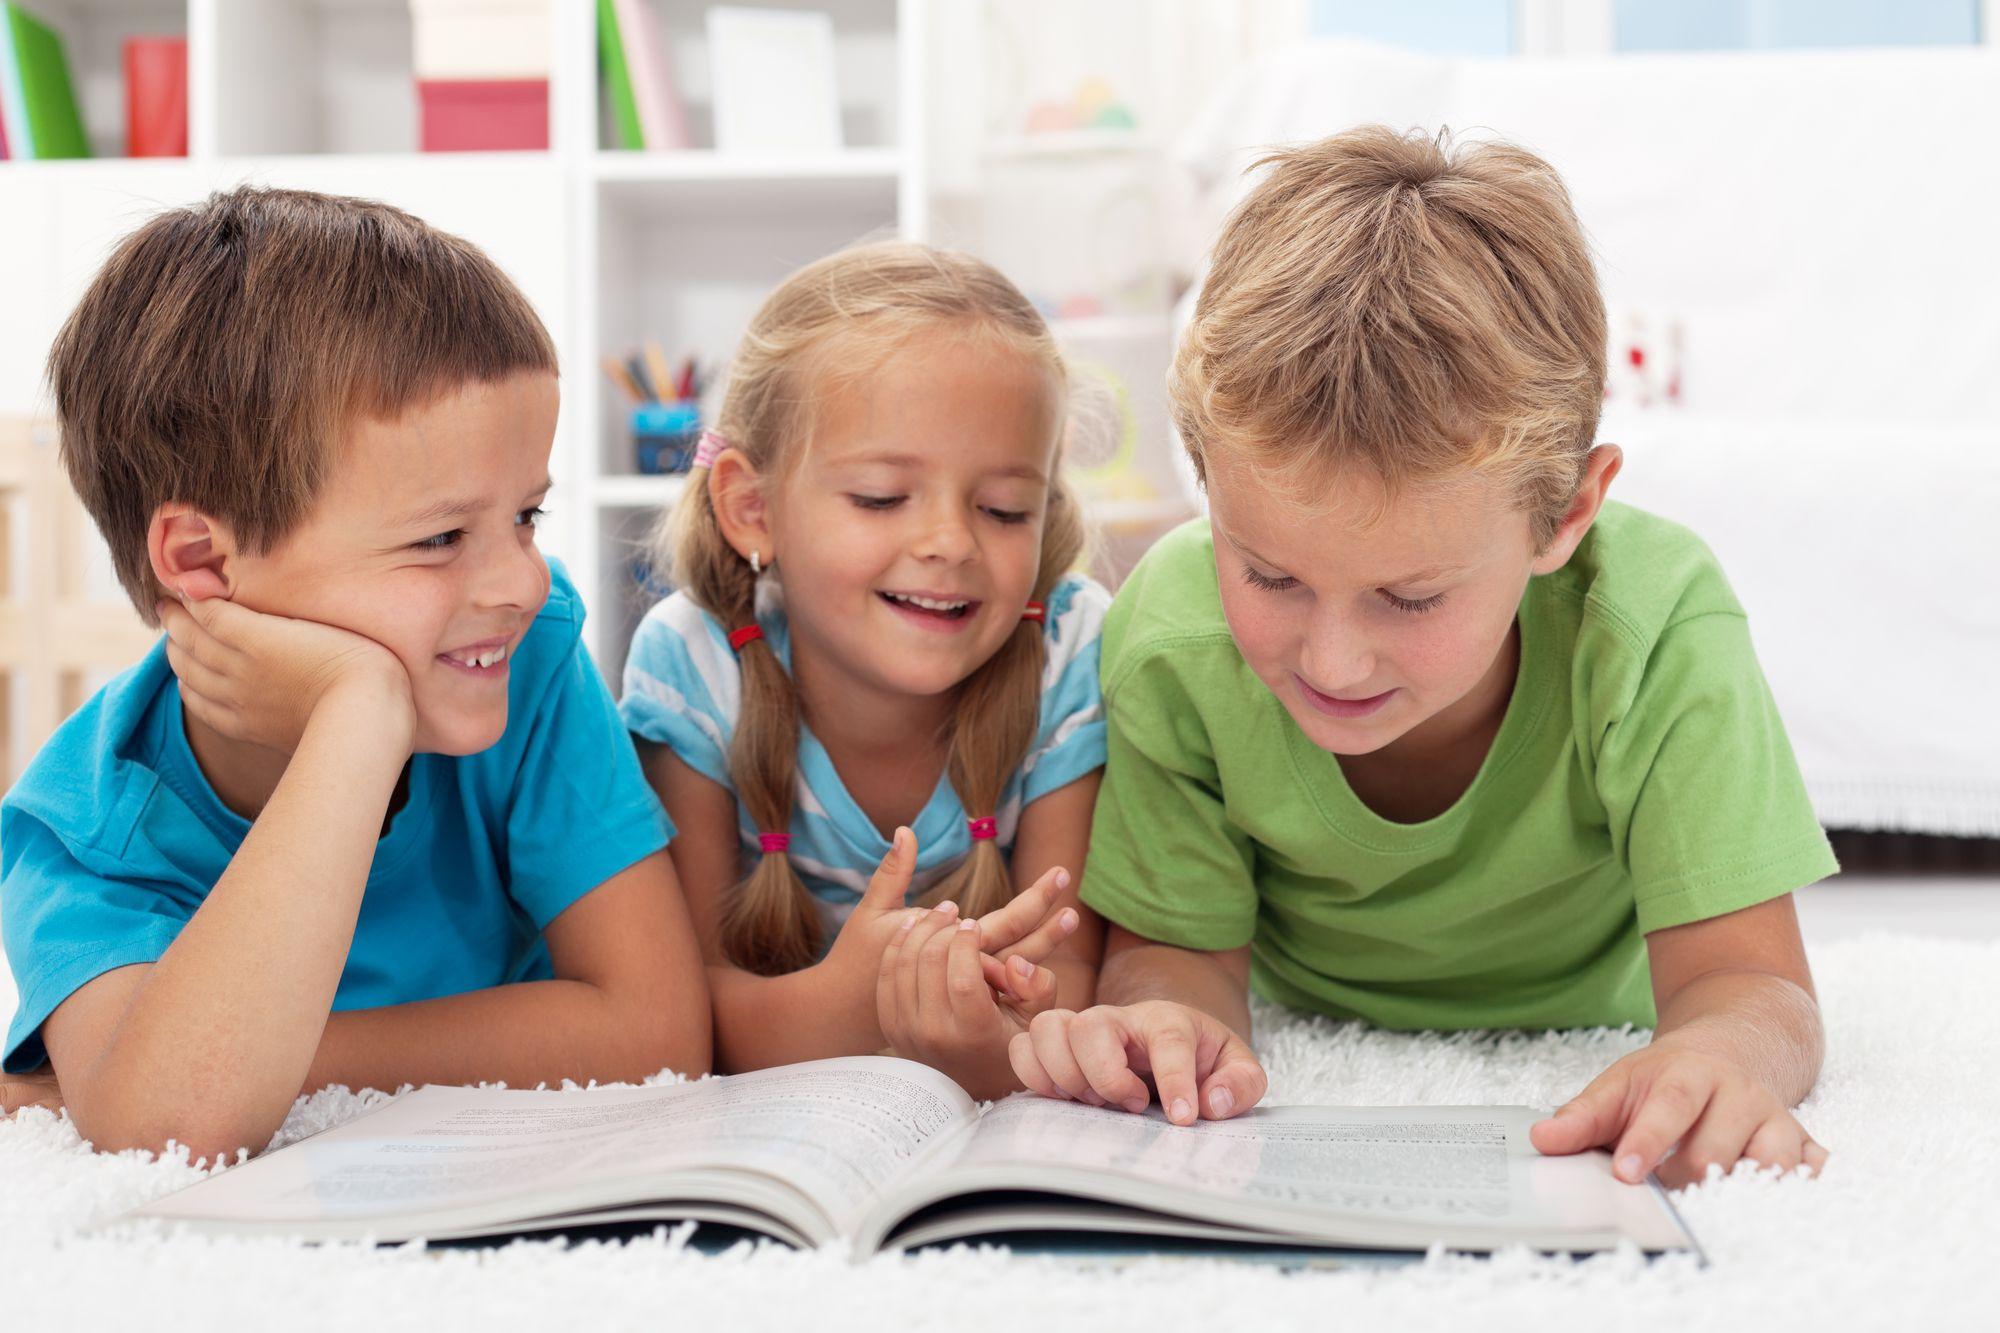 7 livros que toda criança deveria ler